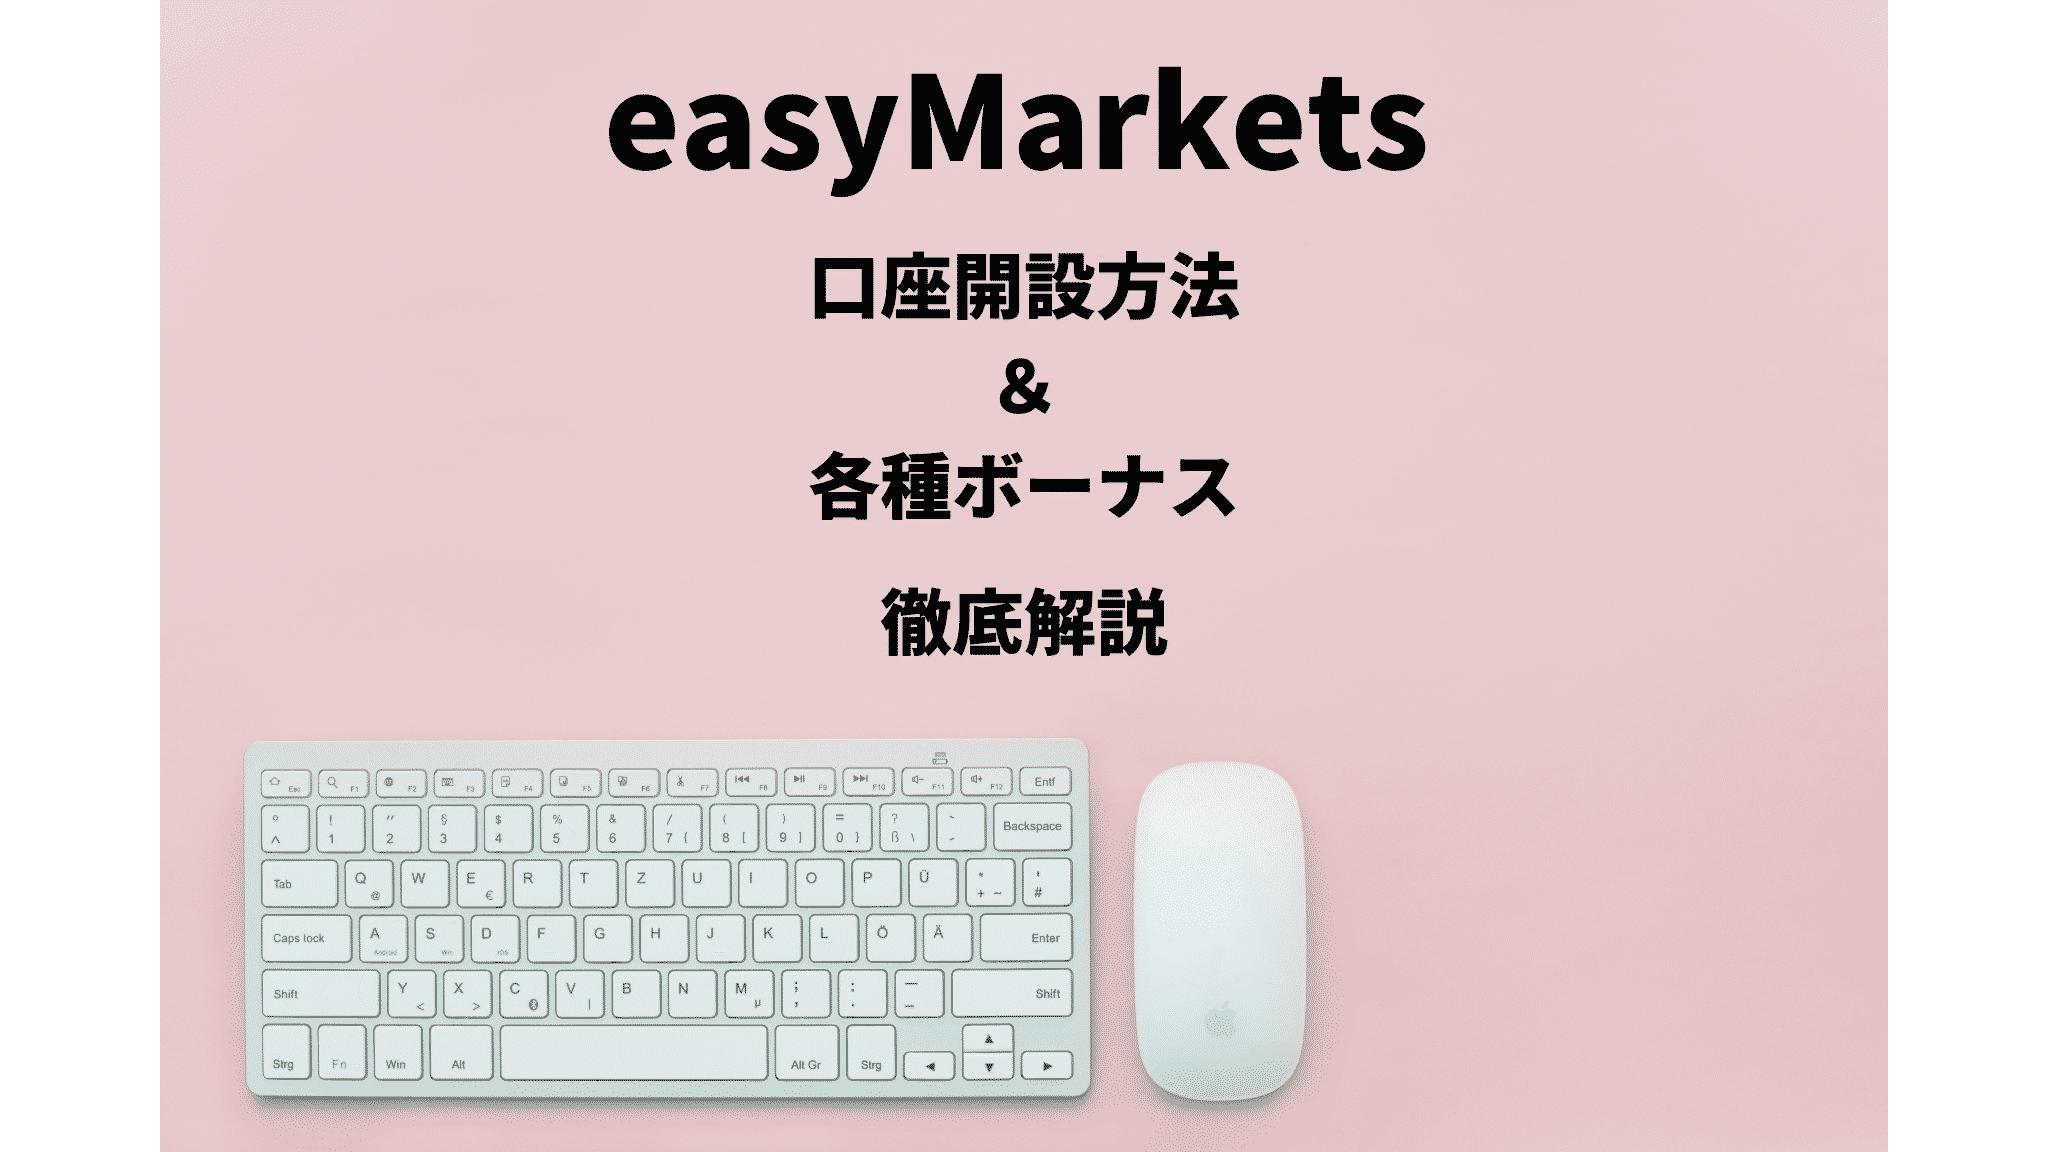 easyMarkertsの口座開設方法とボーナスについて徹底解説!